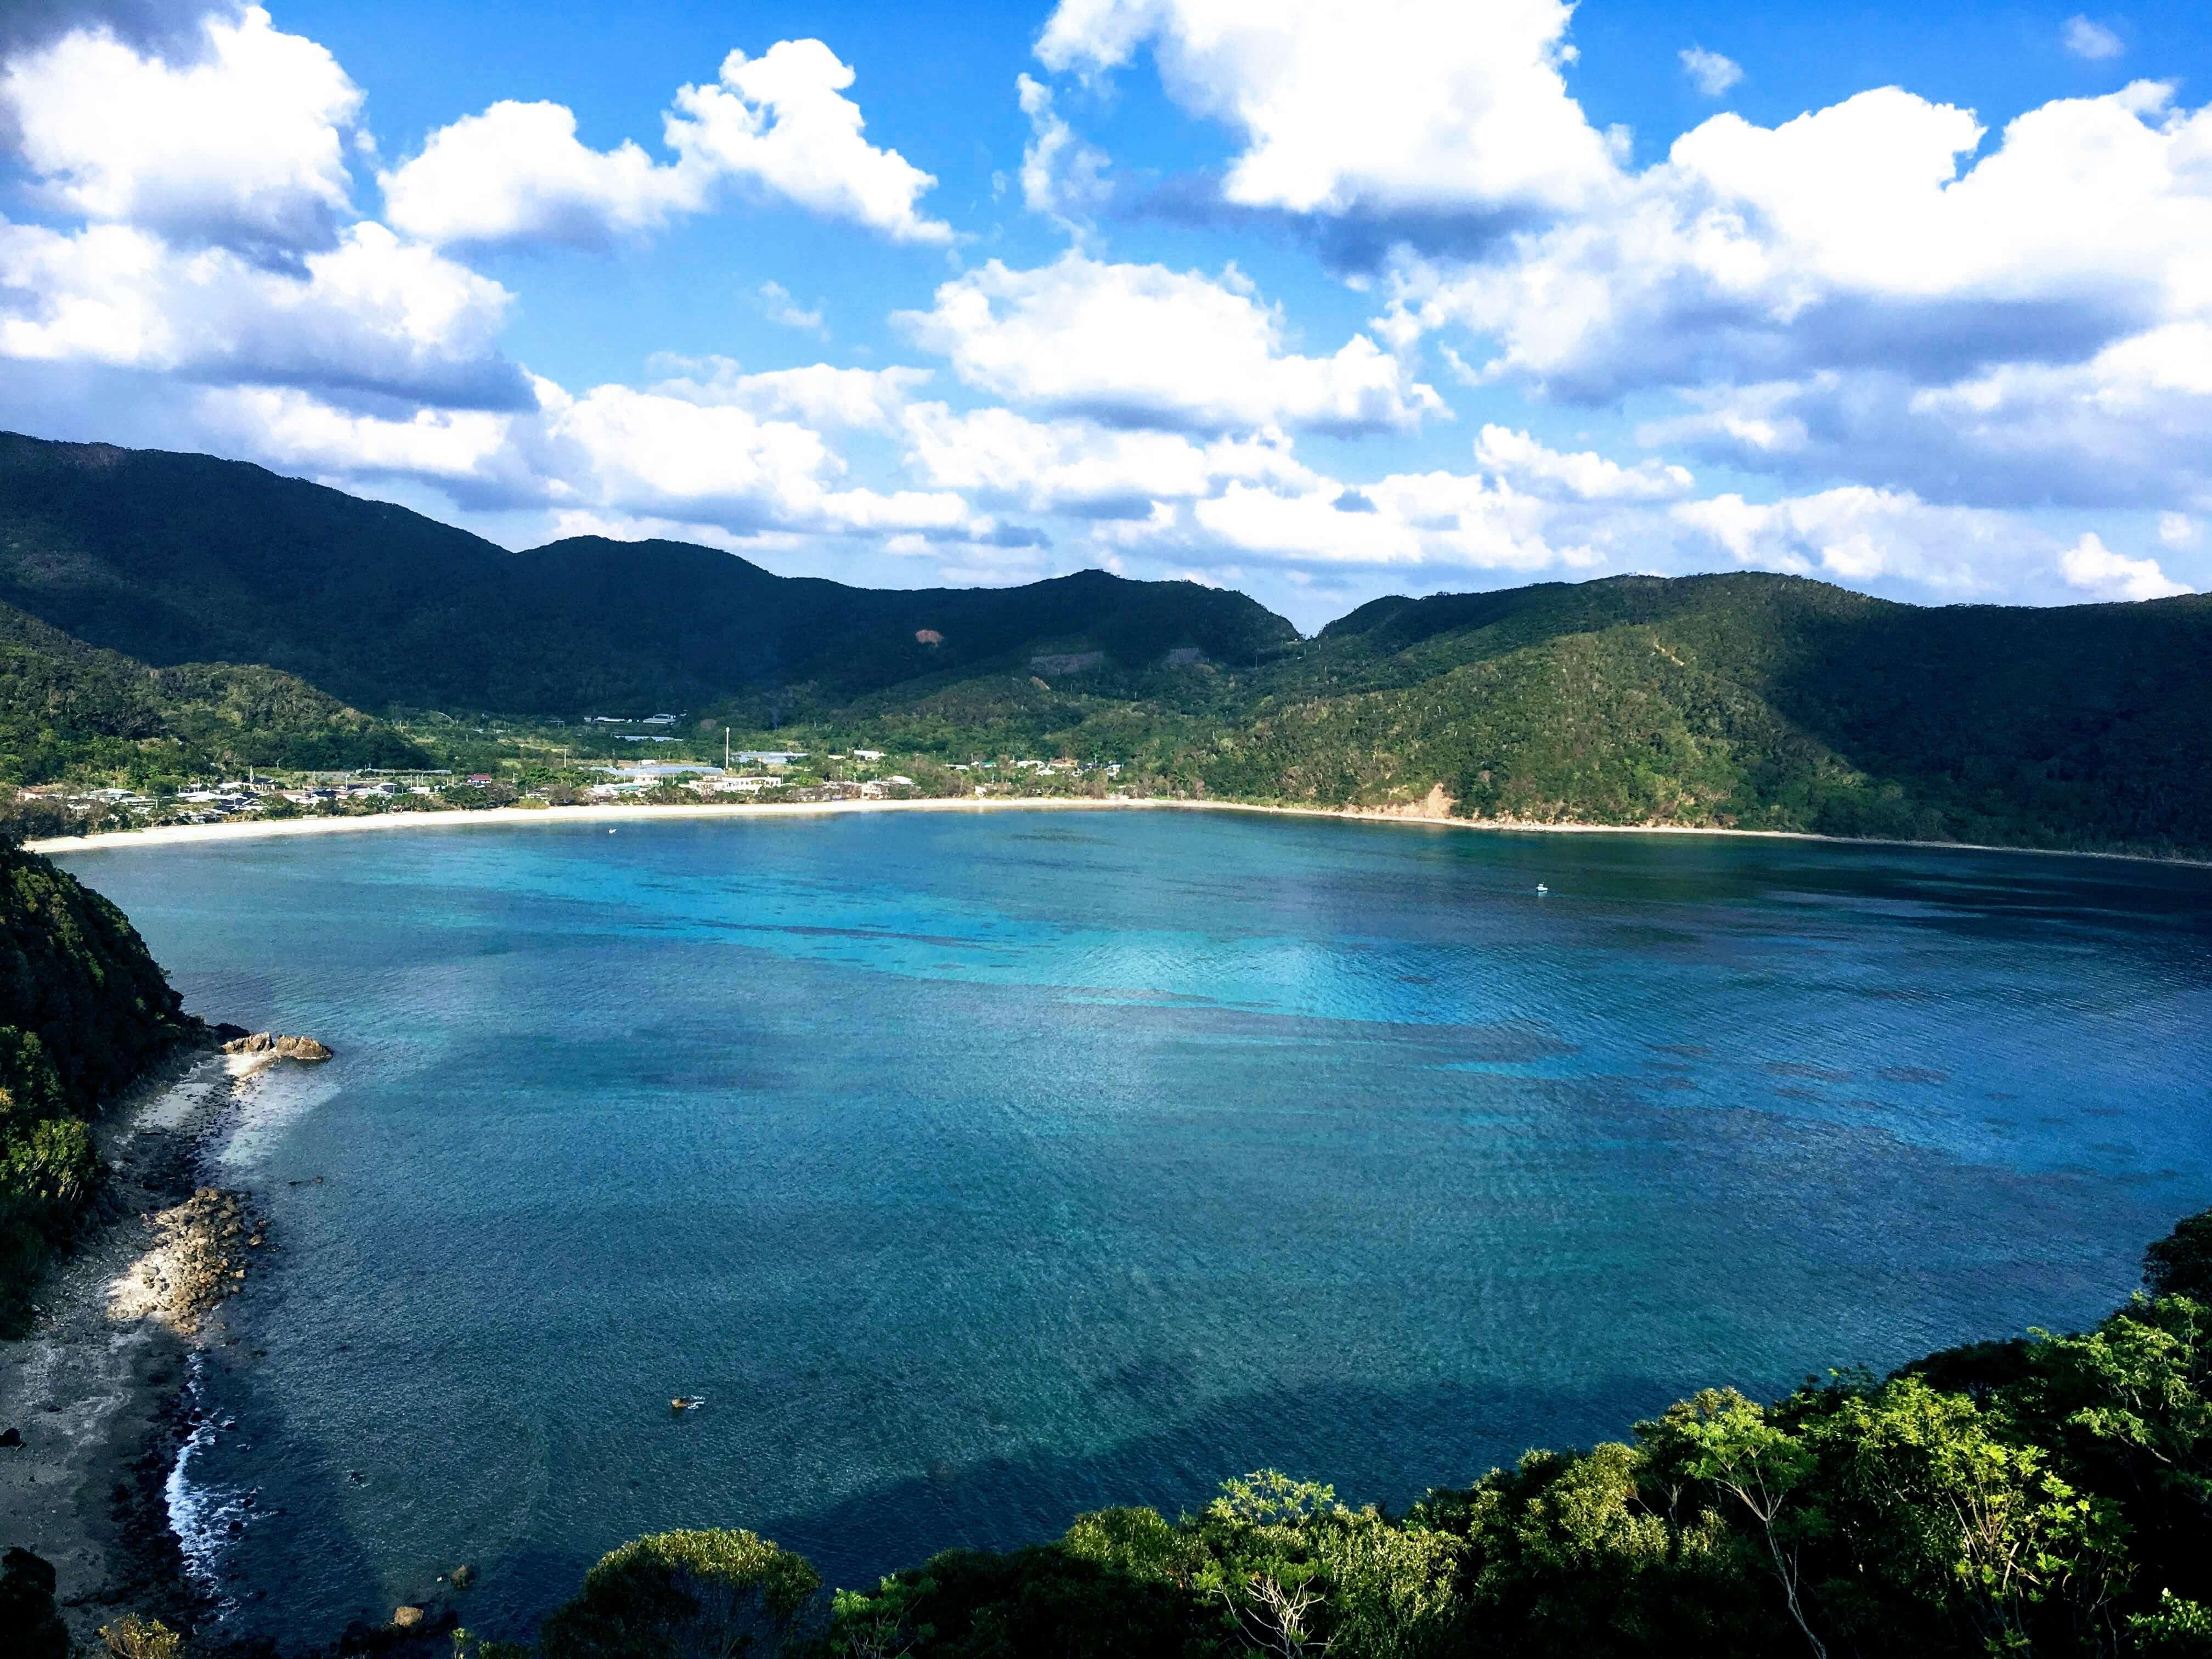 嘉鉄ブルーの海